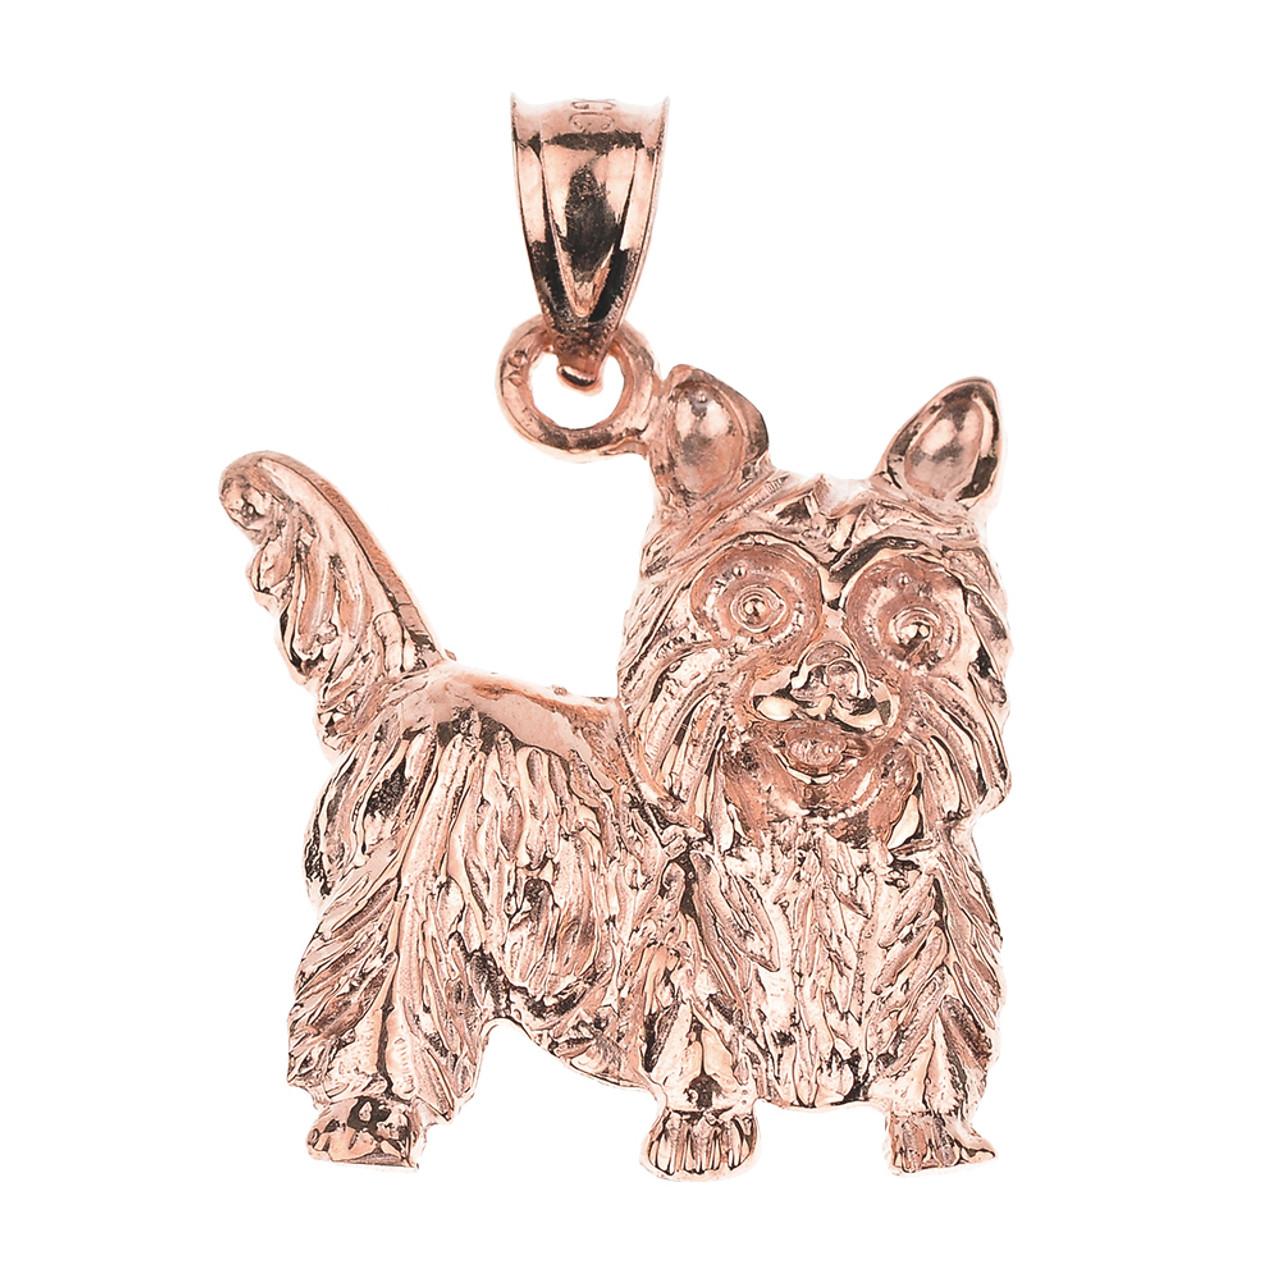 Rose gold yorkie dog charm pendant necklace gold yorkshire terrier rose gold yorkie dog charm pendant necklace aloadofball Choice Image